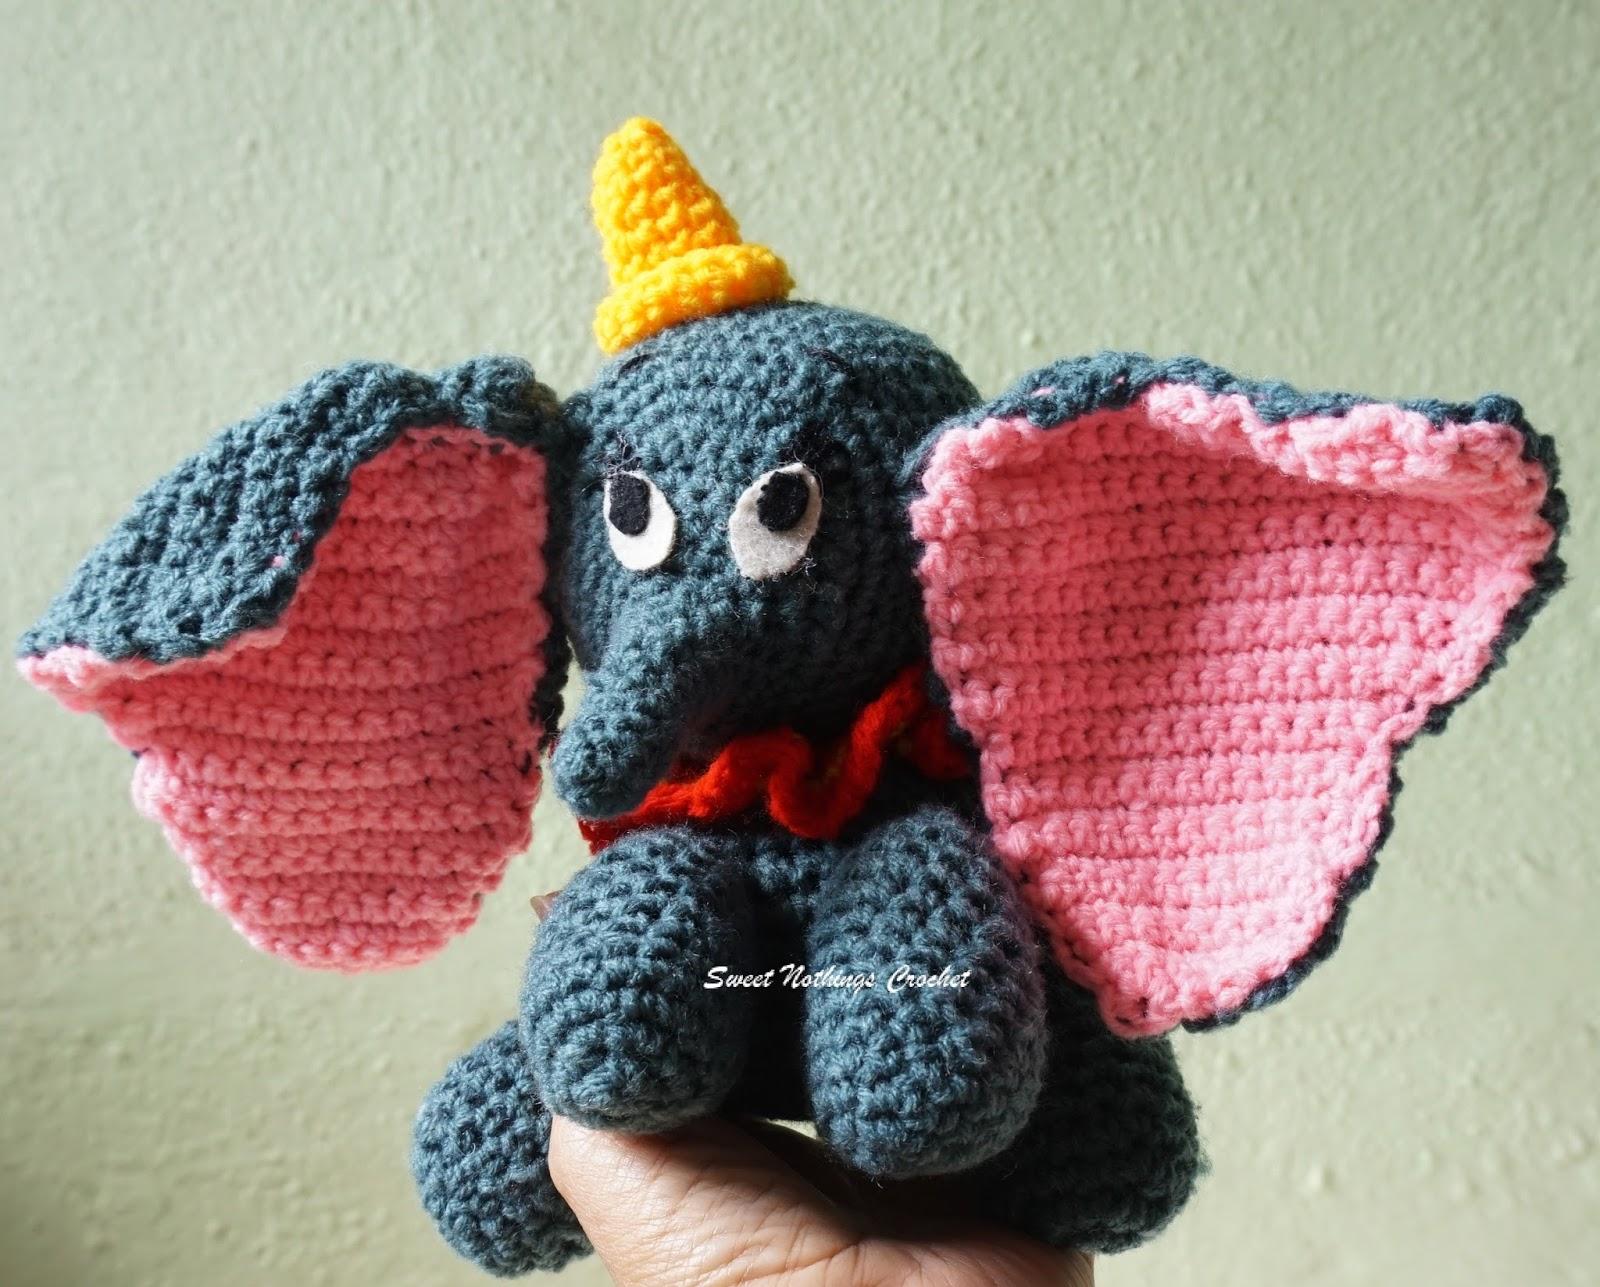 Sweet Nothings Crochet: MR. BIG EARS